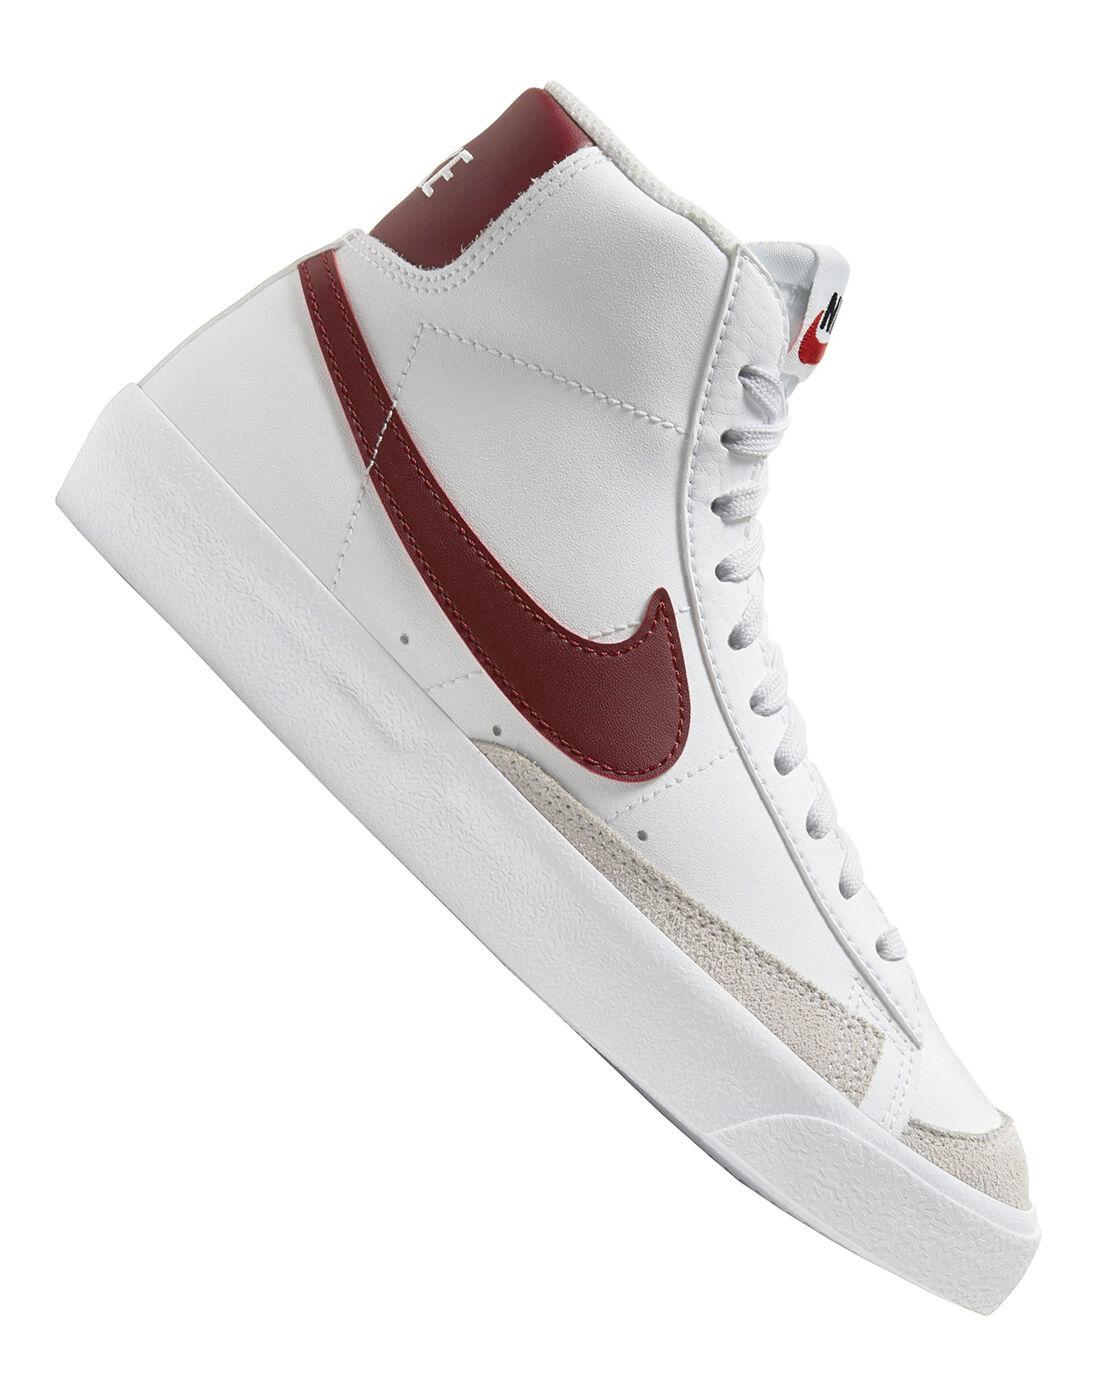 Nike Older Kids Blazer Mid - White | adidas gazelle white on feet ...